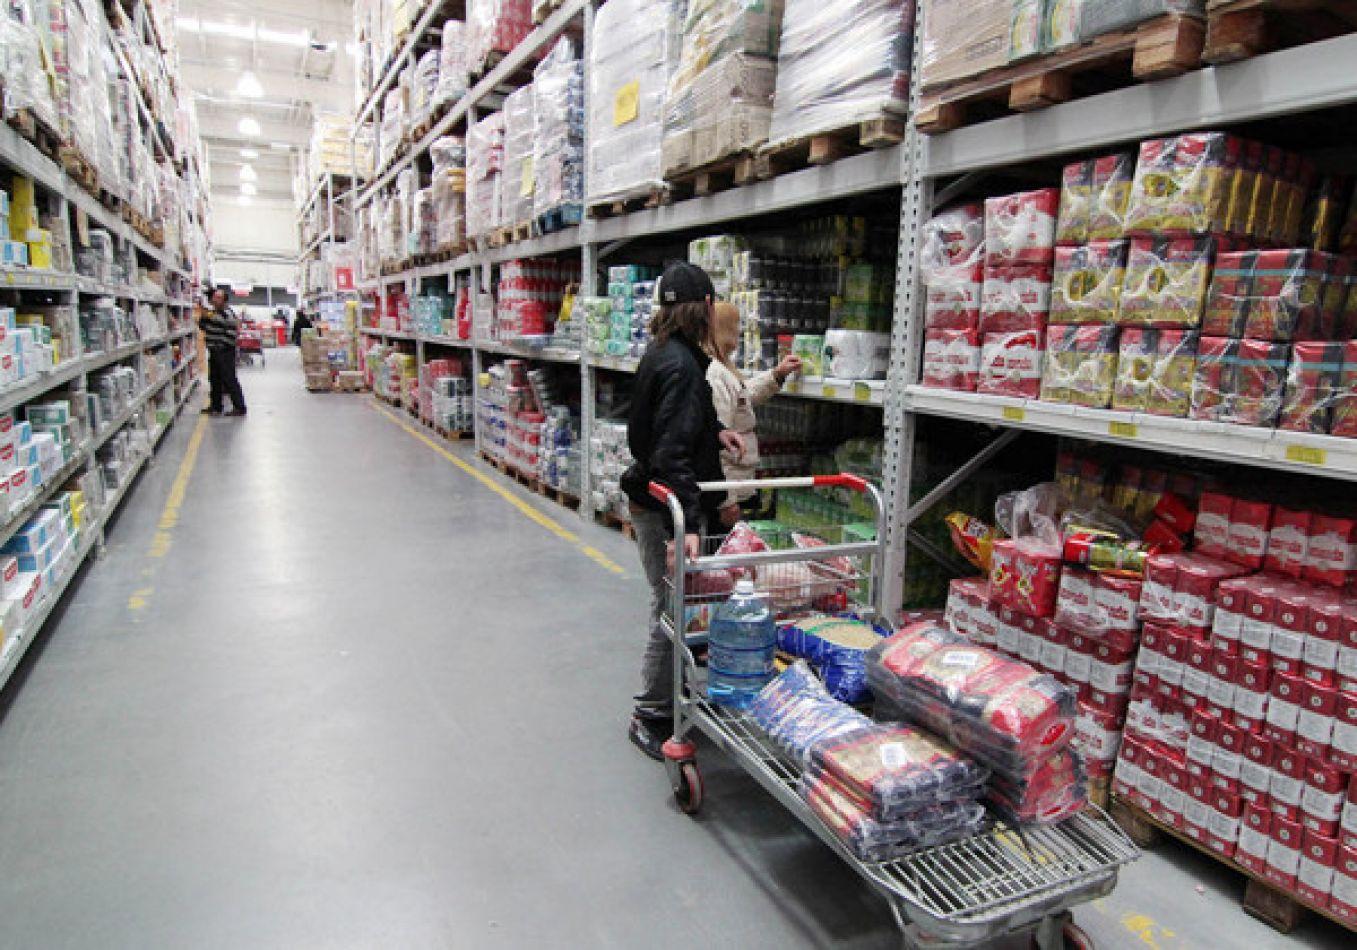 Precios mayoristas subieron 4,2% y acumulan alza del 40% en 9 meses